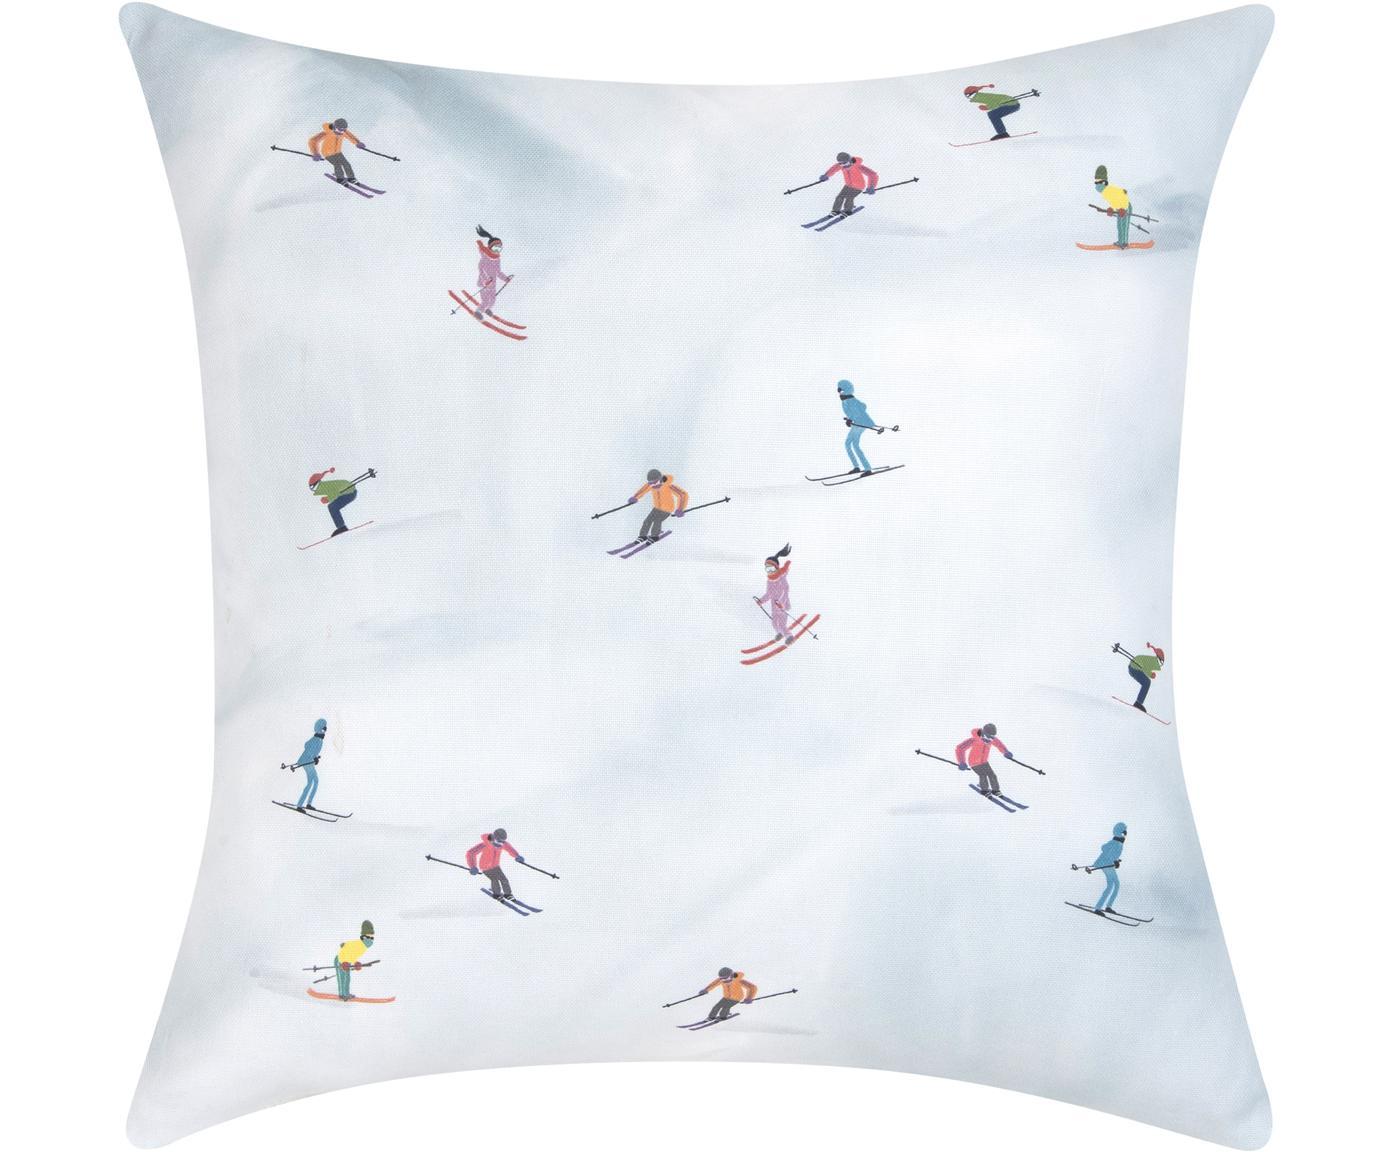 Poszewka na poduszkę Ski, 100% bawełna, Wielobarwny, S 40 x D 40 cm